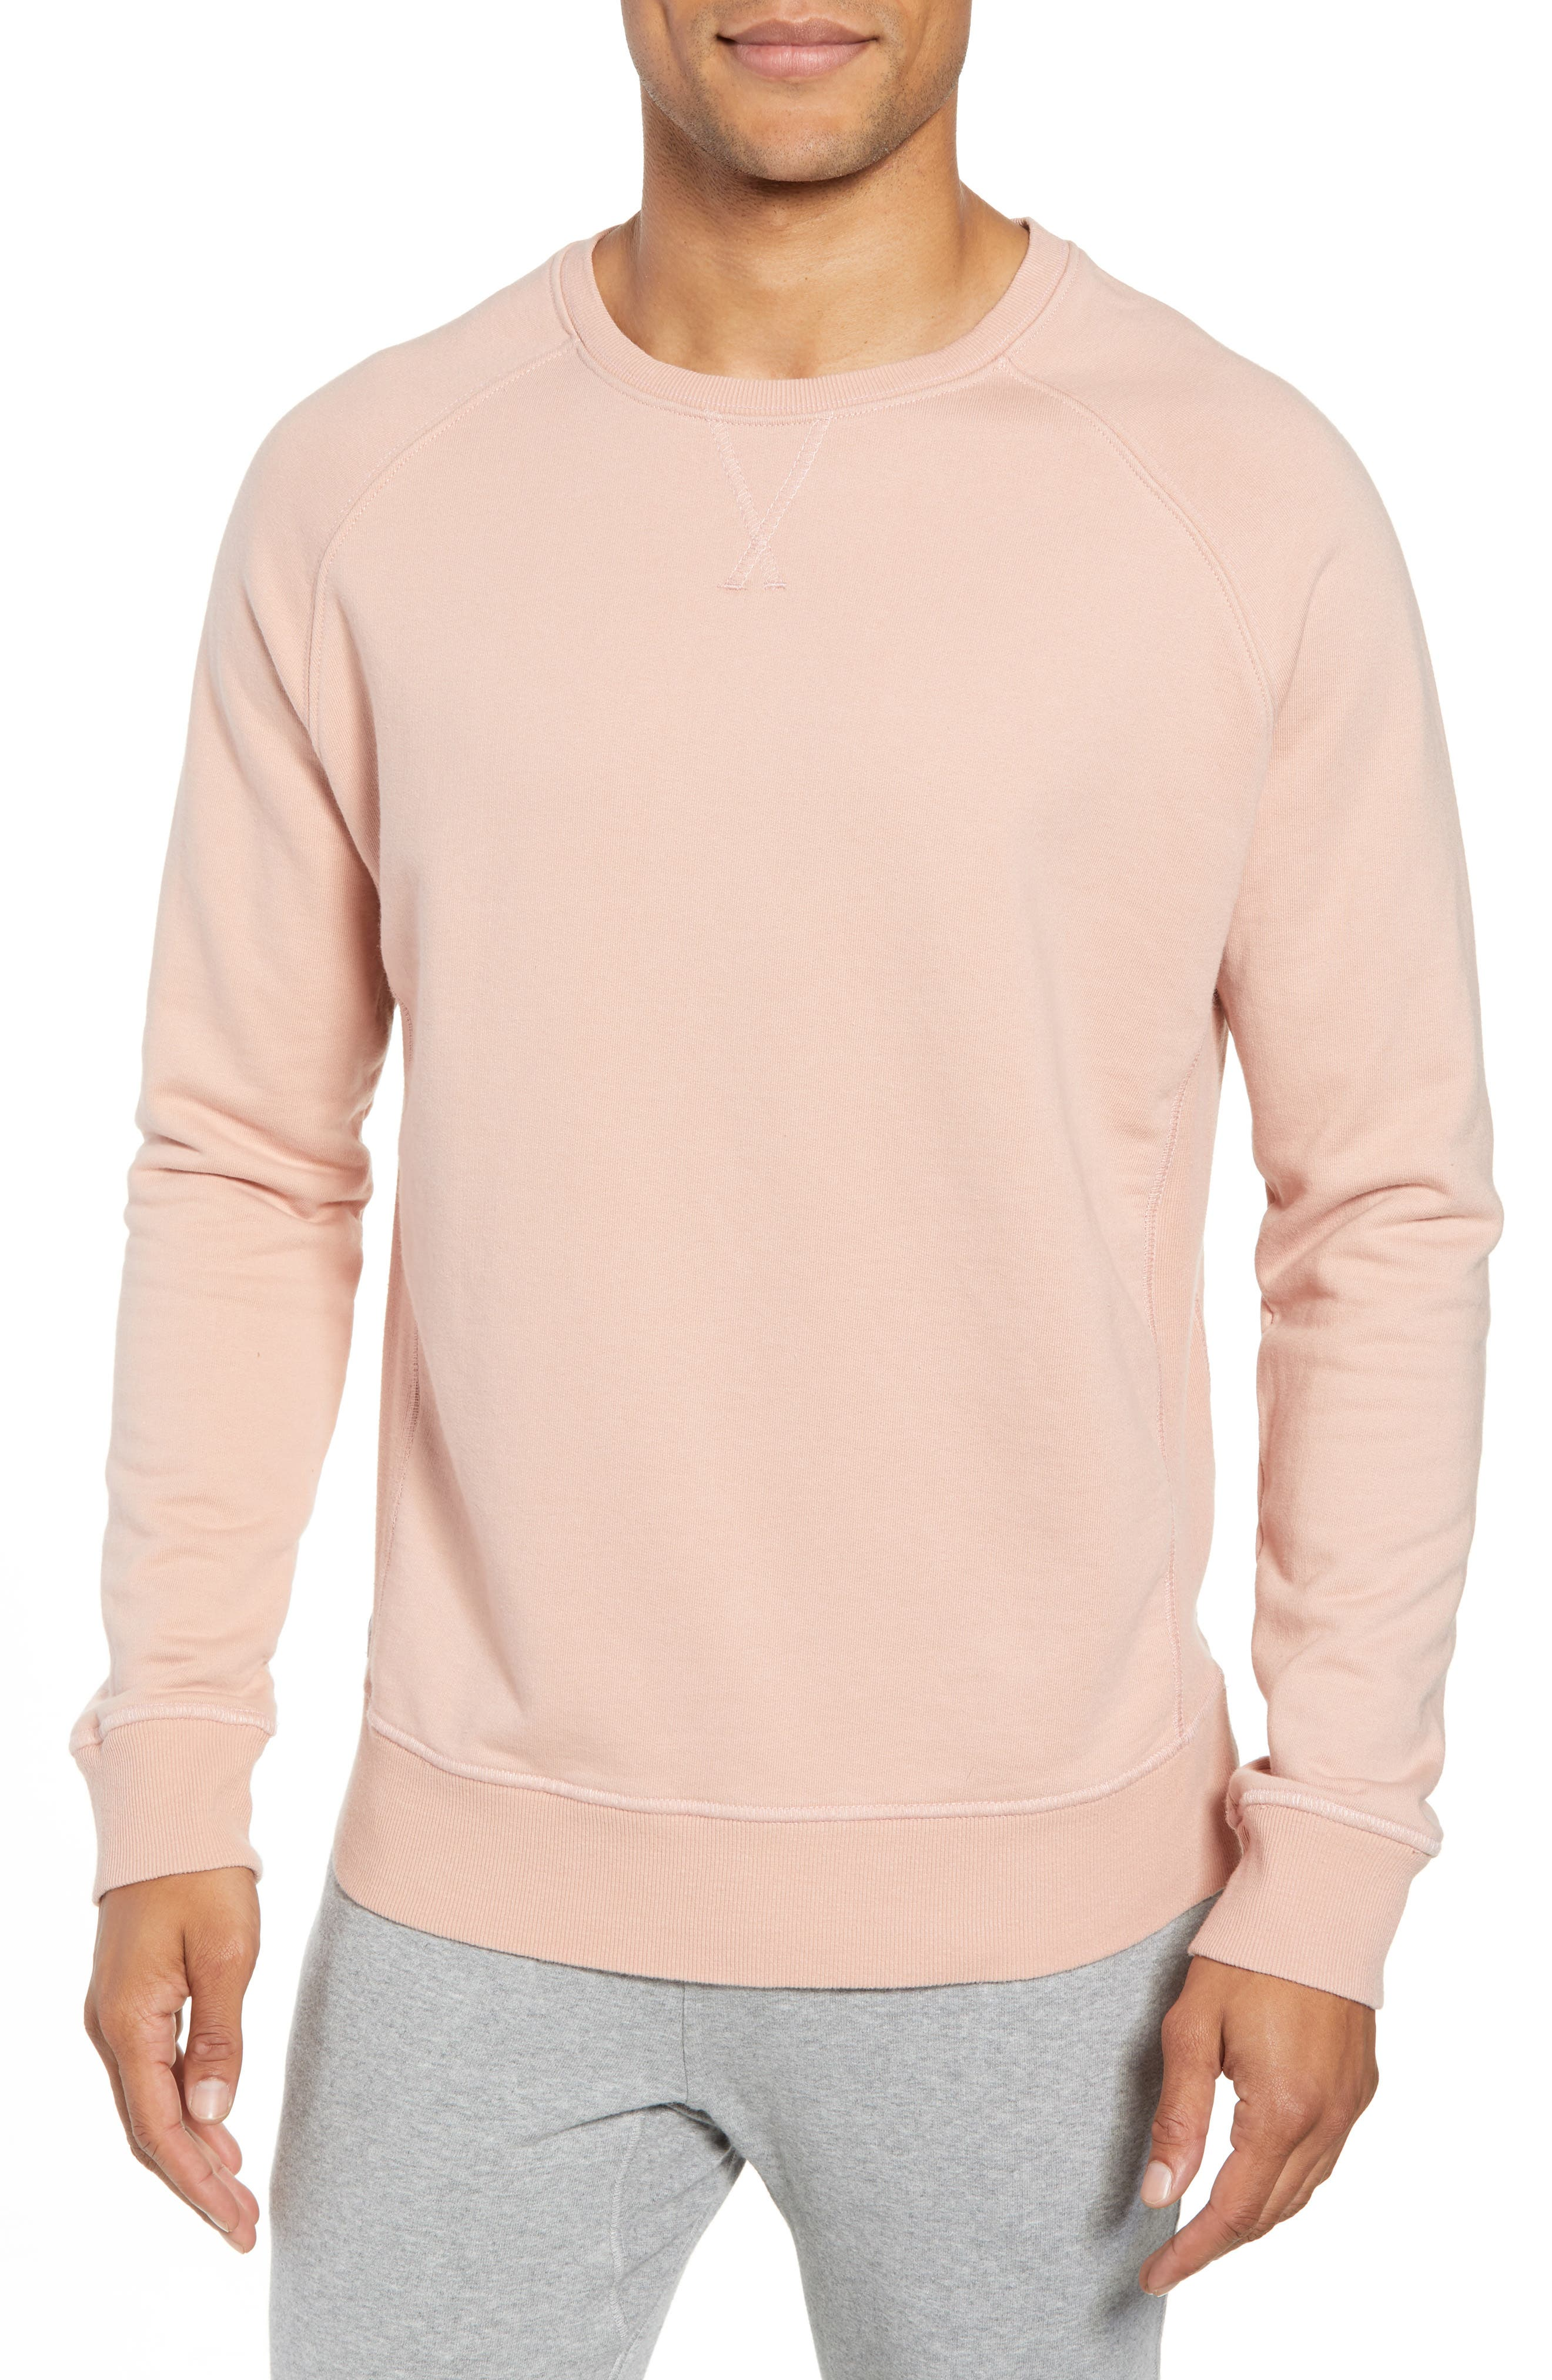 RICHER POORER Crewneck Cotton Sweatshirt, Main, color, BLUSH